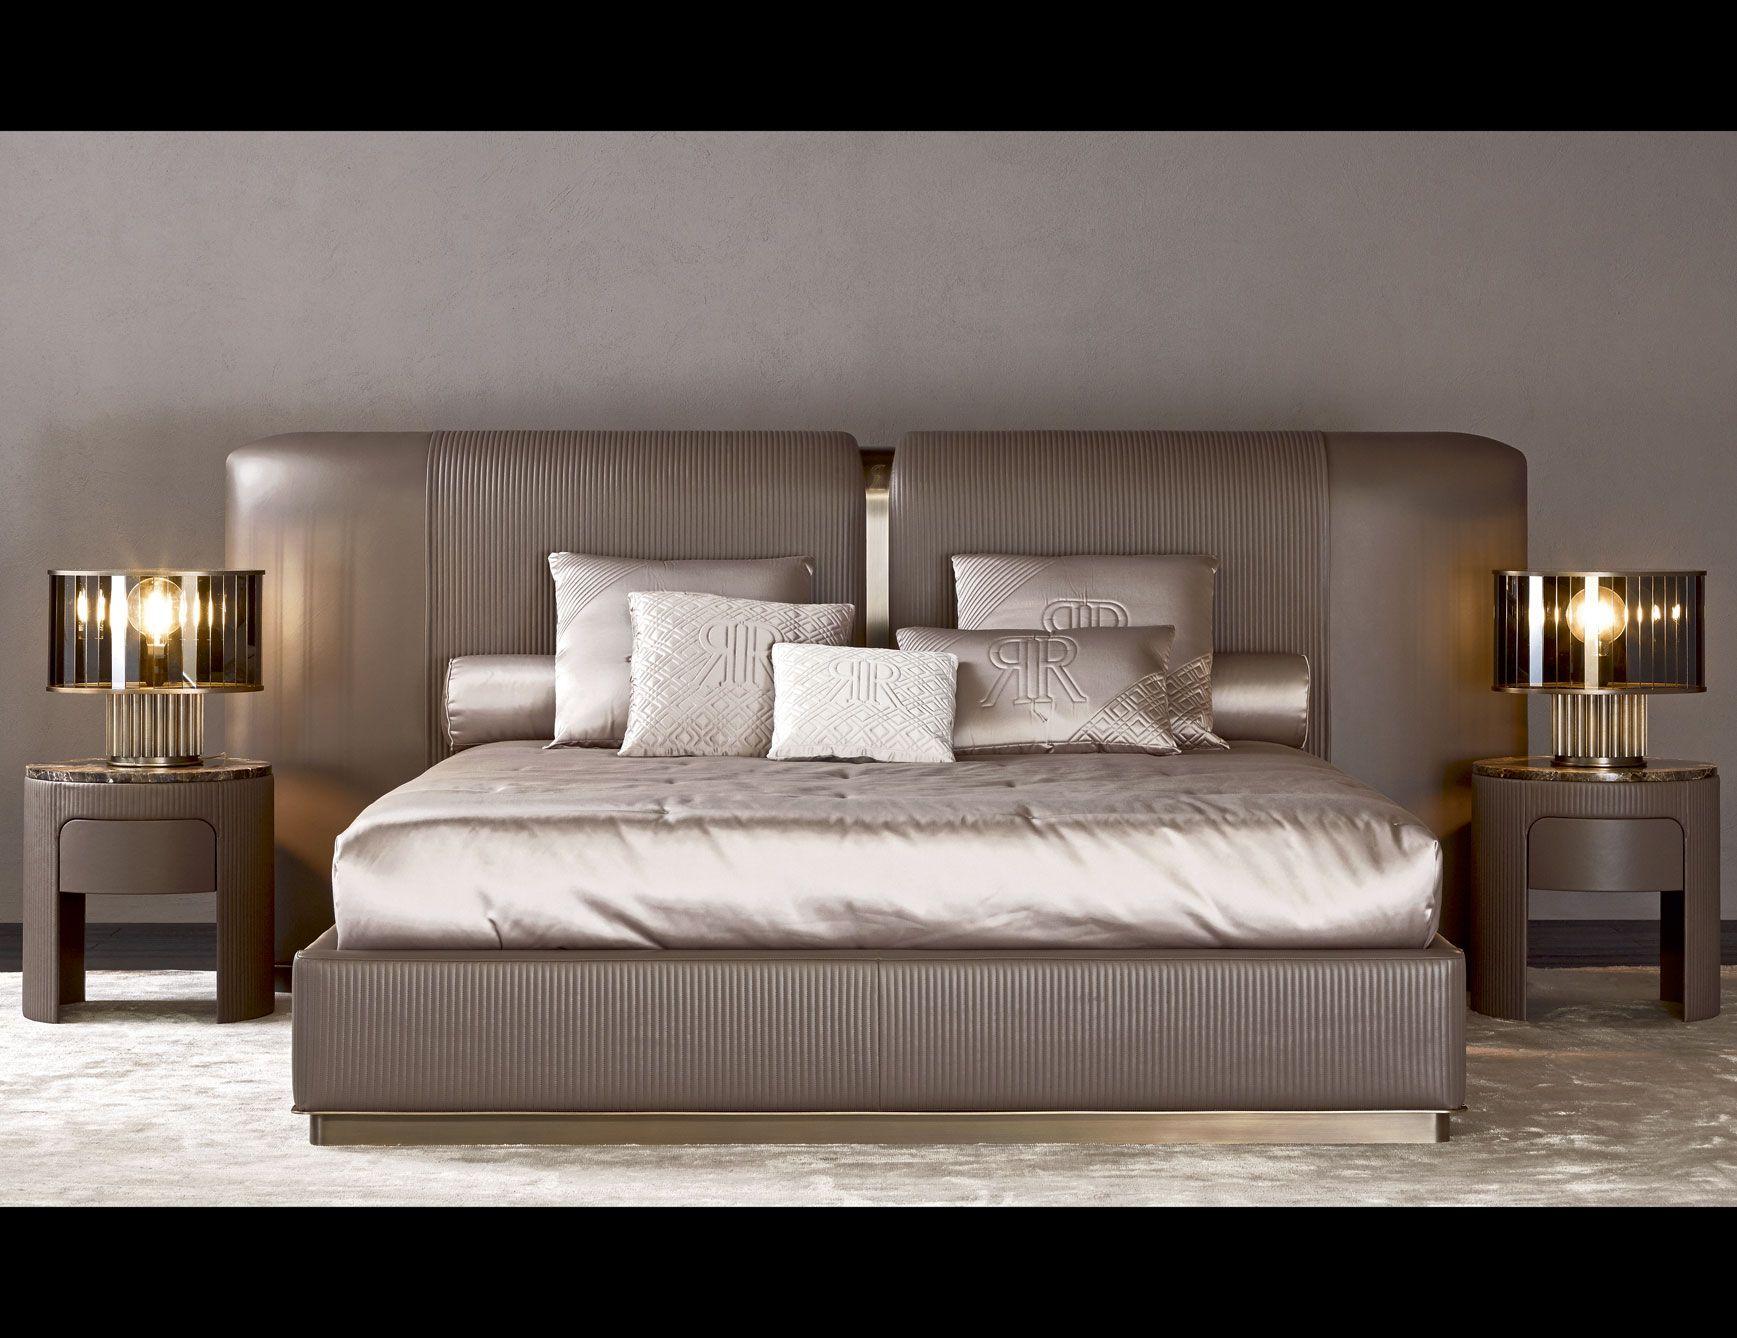 Italienische Holz Schlafzimmer Set Schlafzimmer Möbel Made In Italy ...